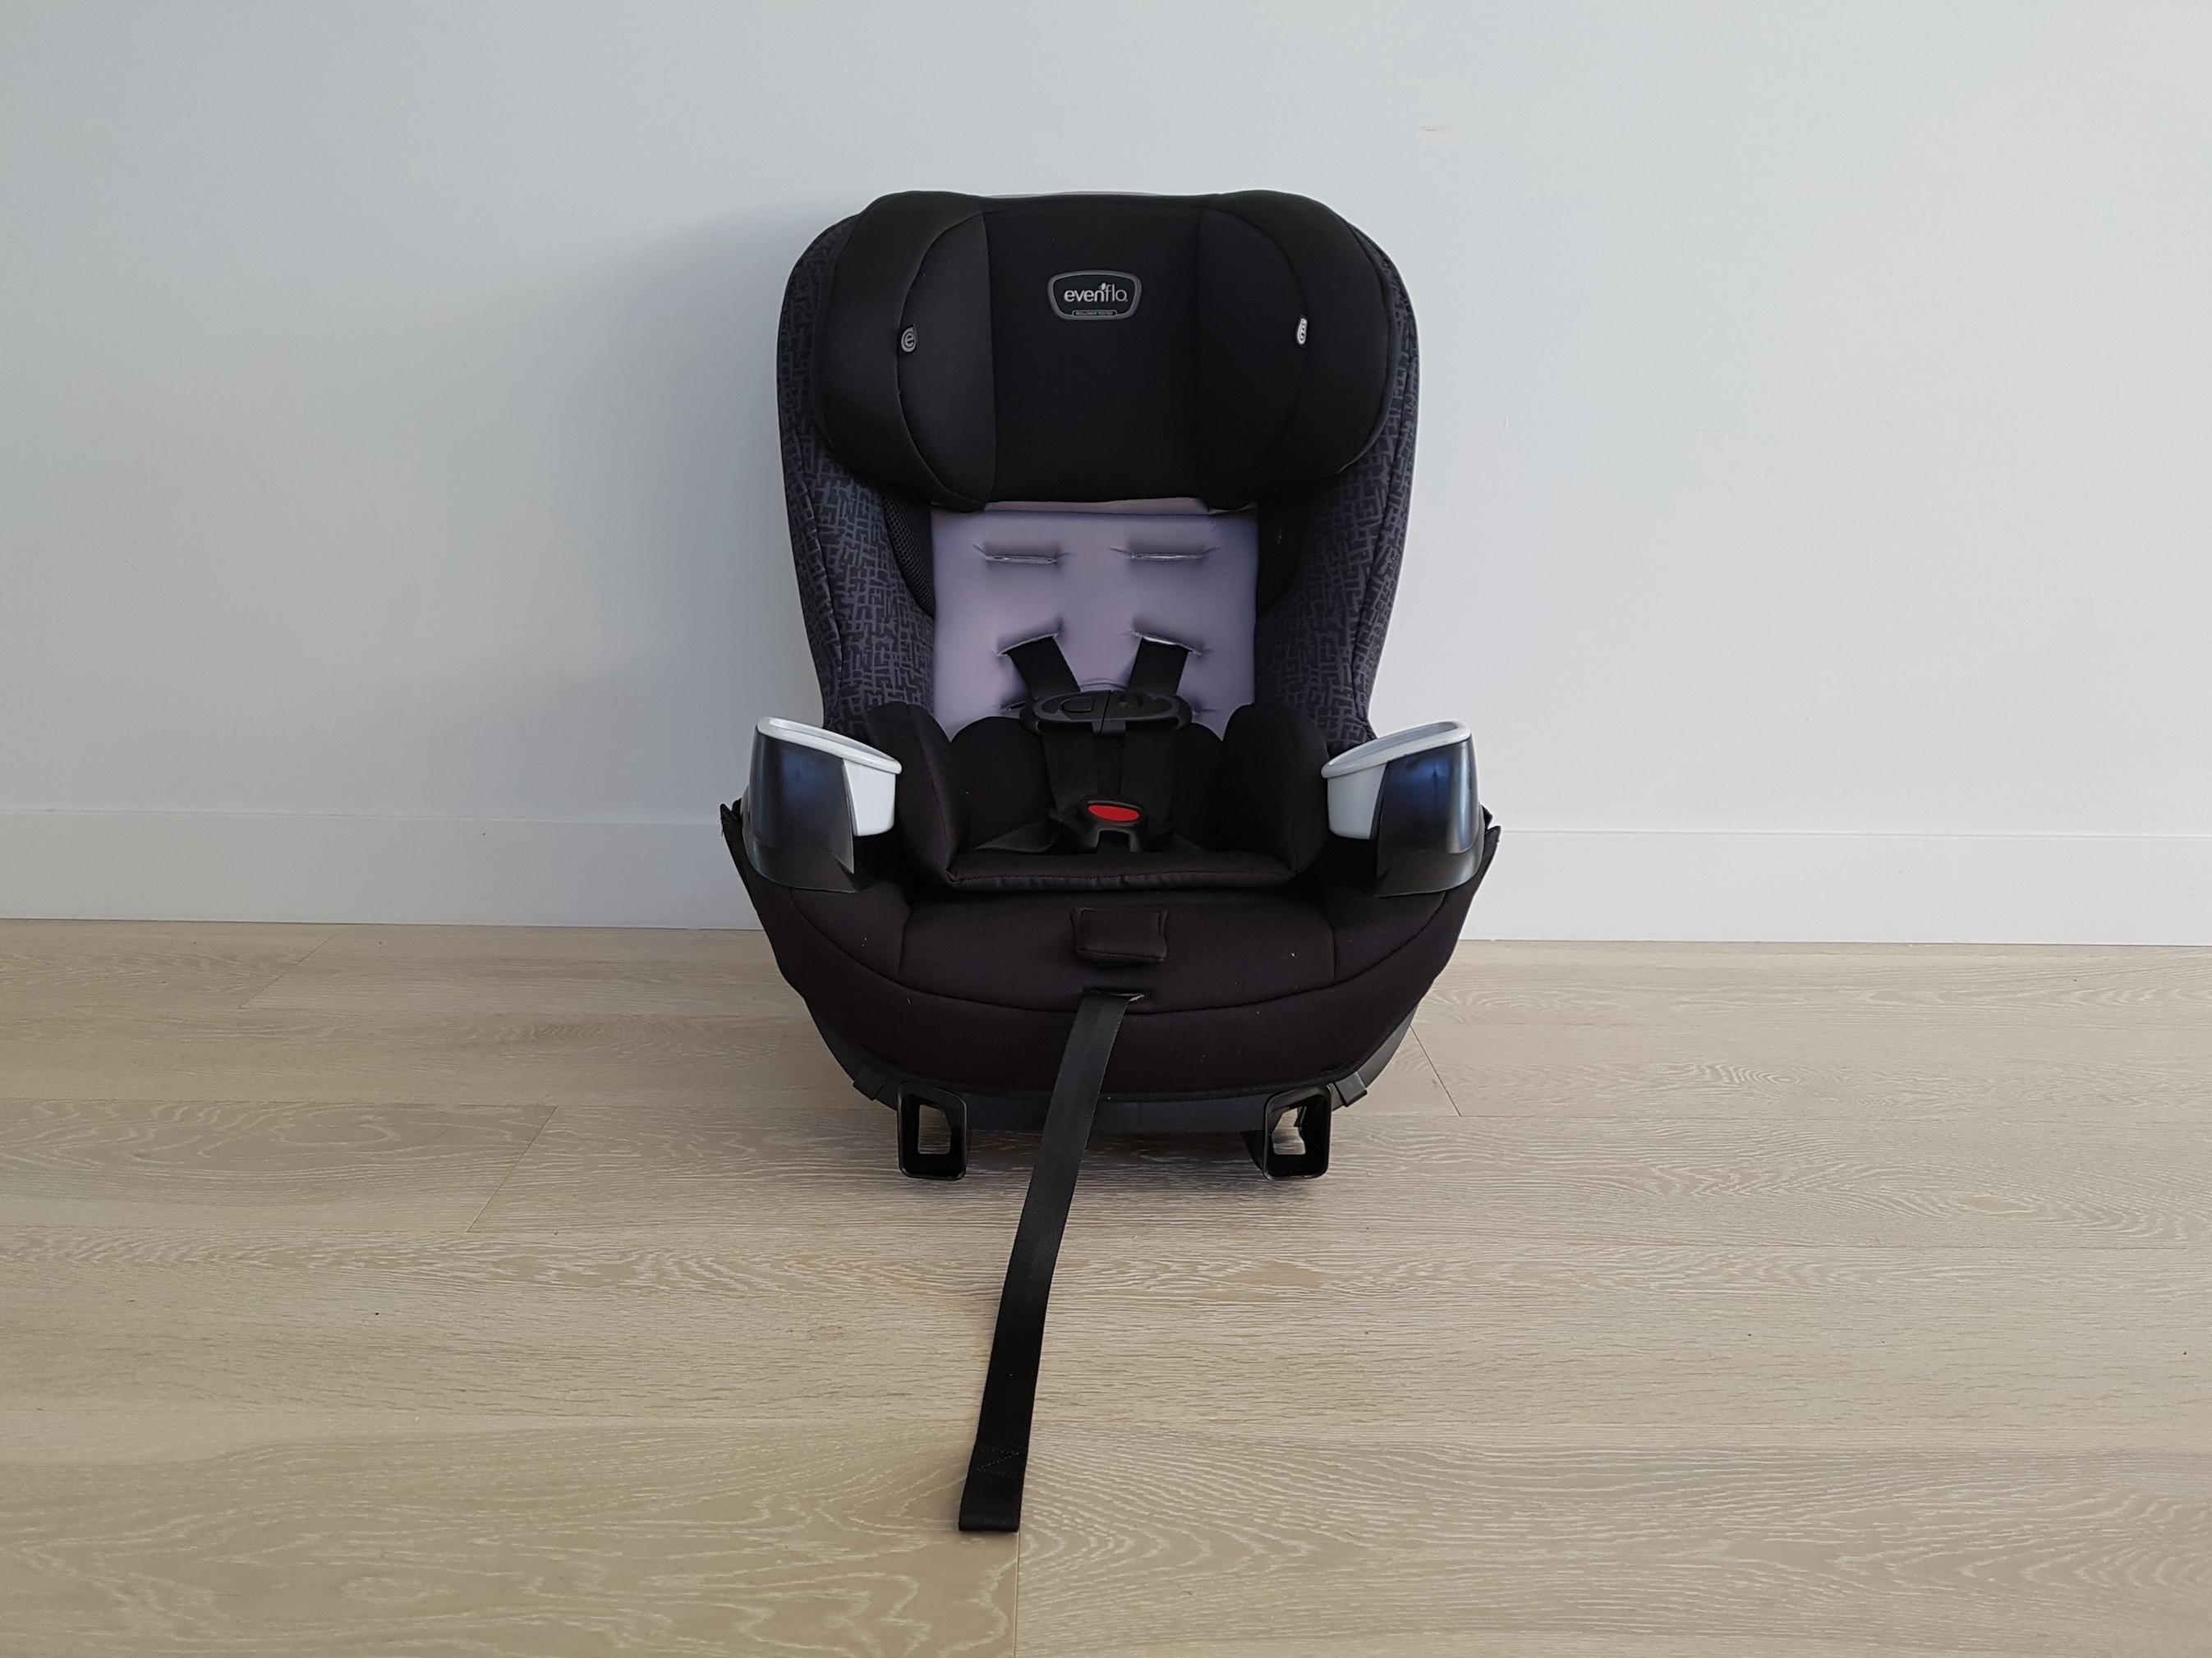 evenflo_car_seat_bby_full